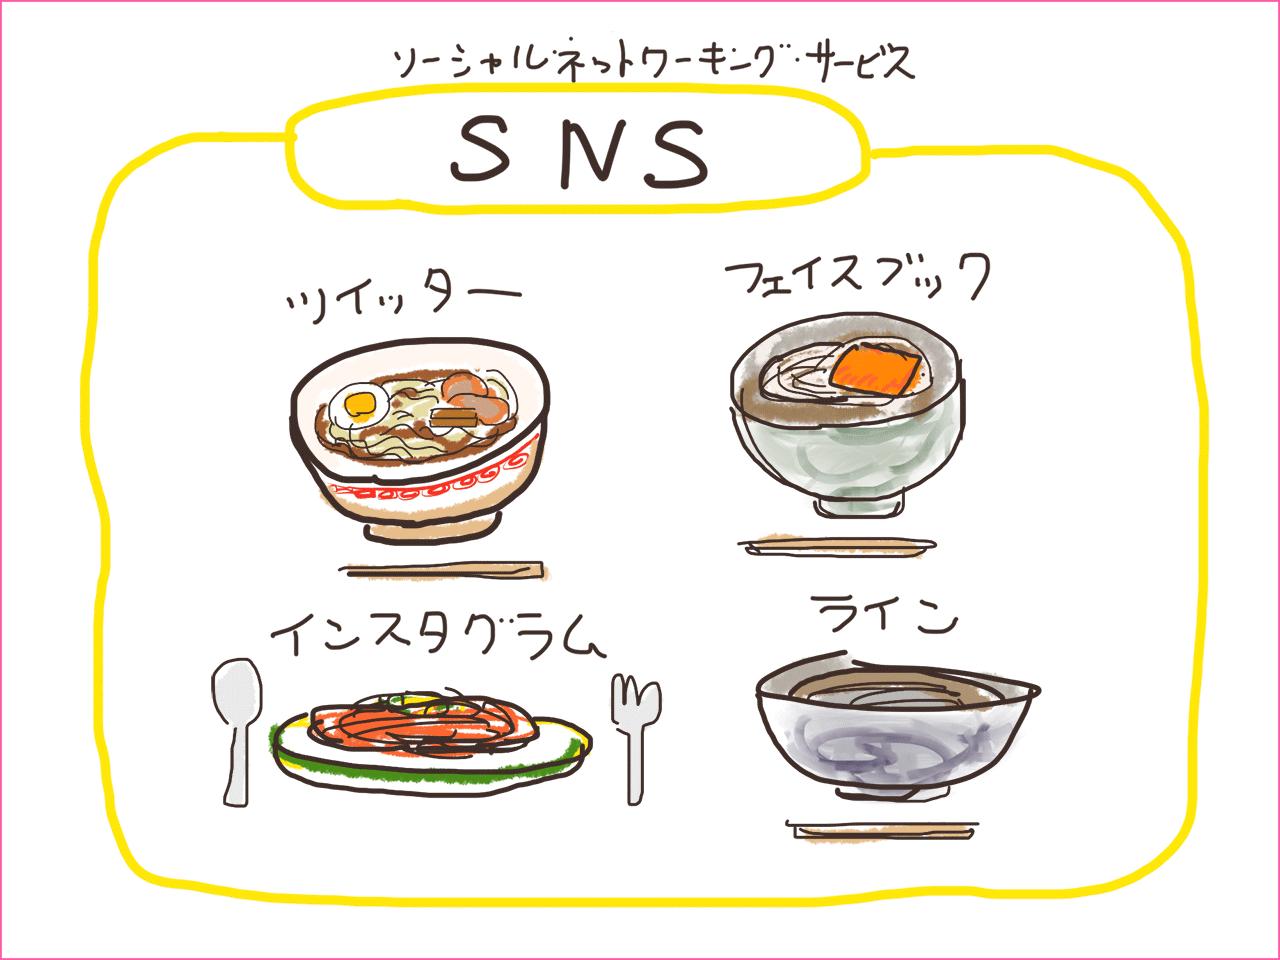 (4)SNSです